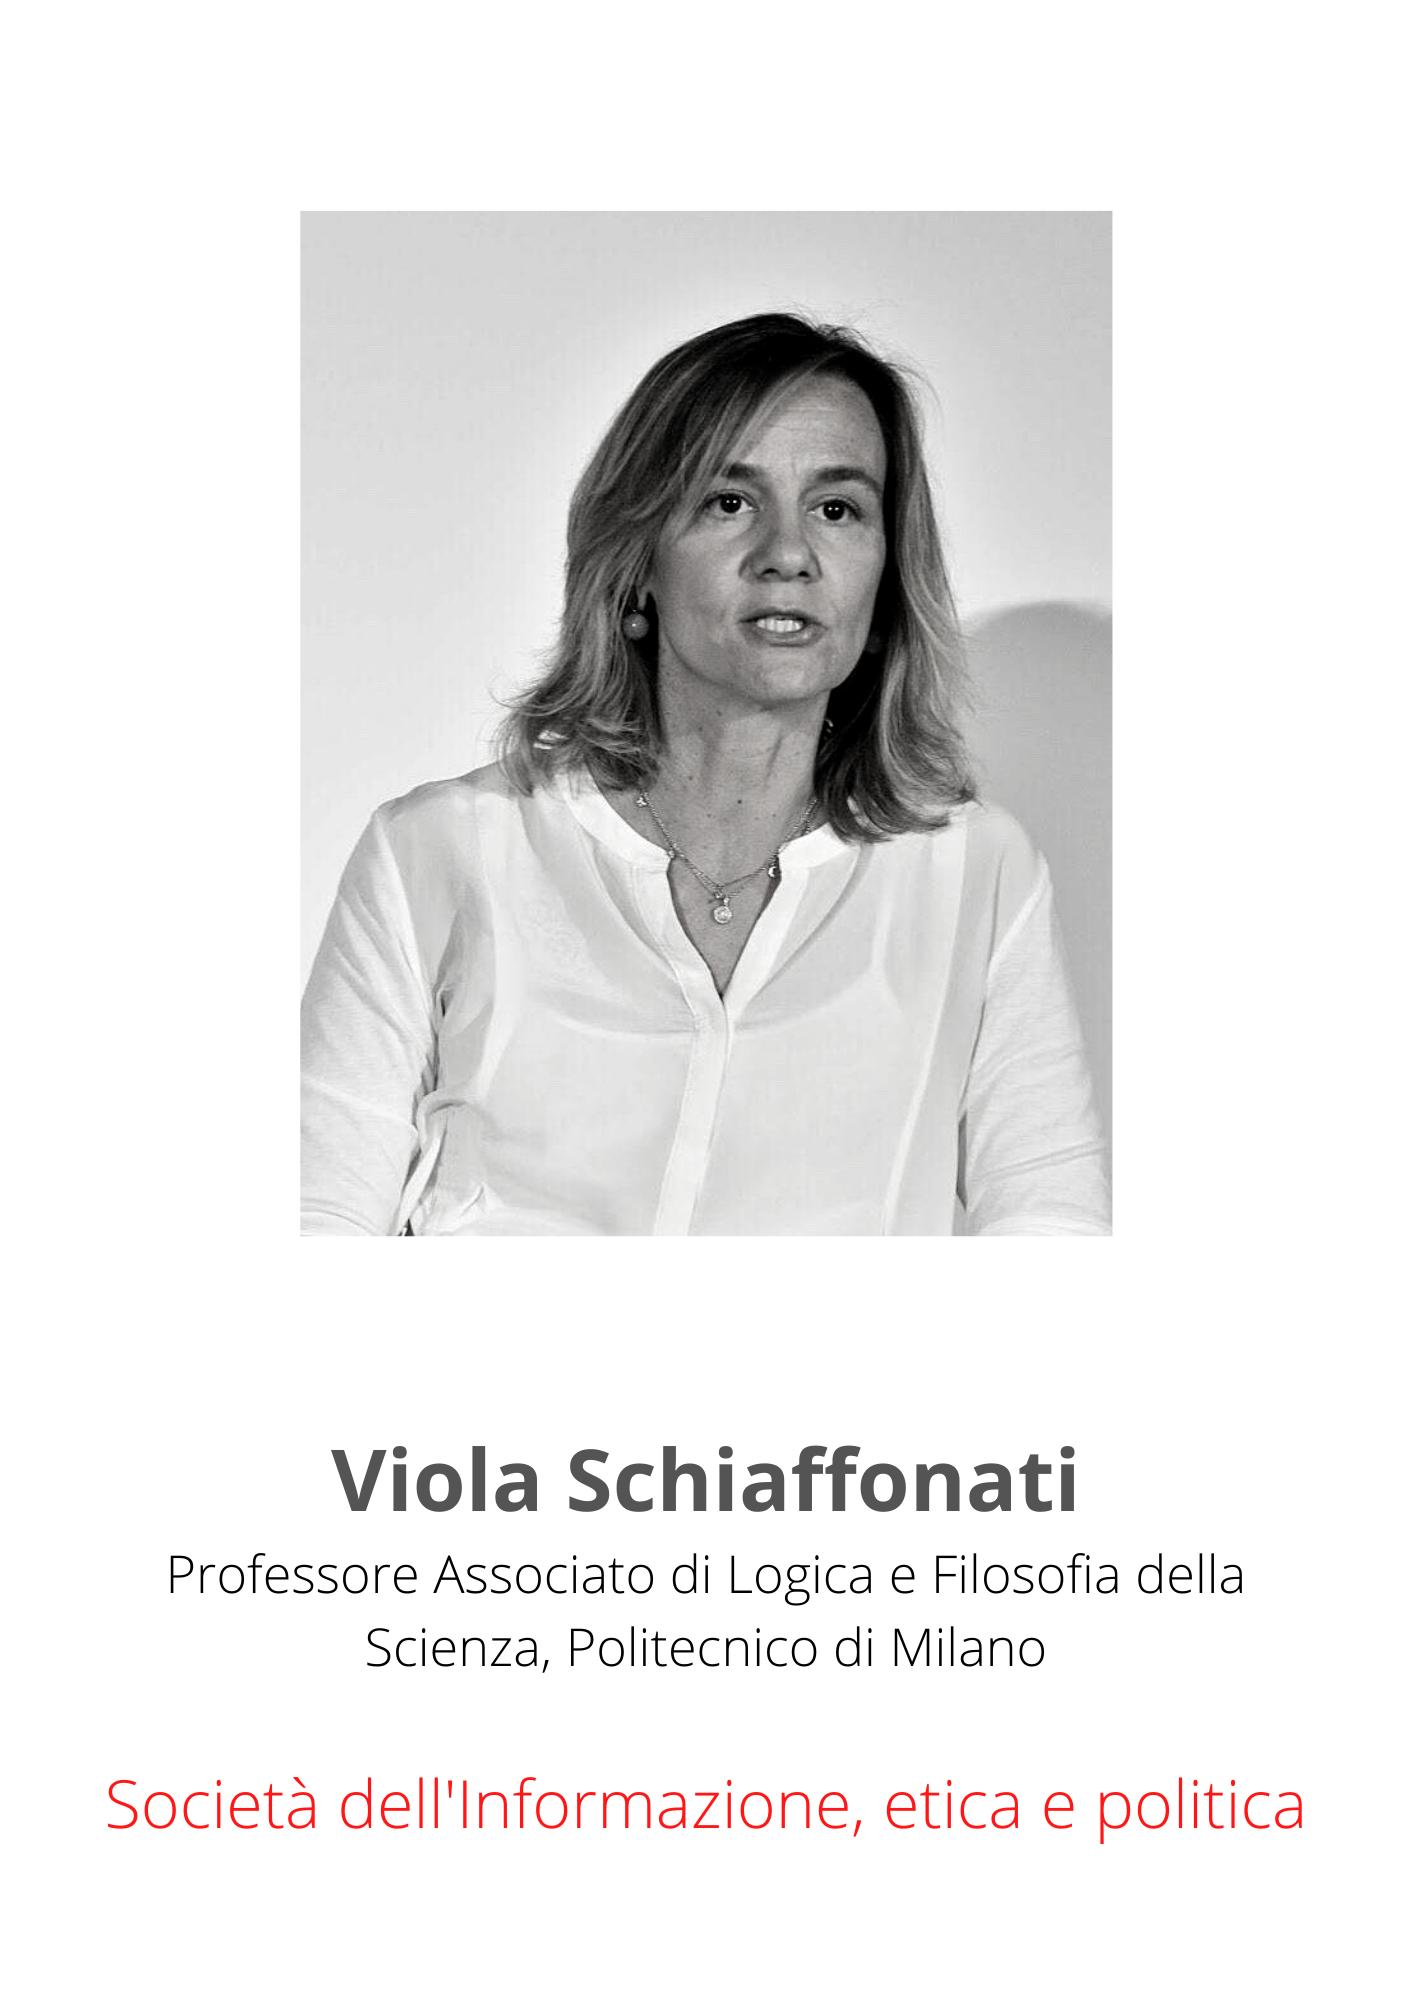 Viola Schiaffonati